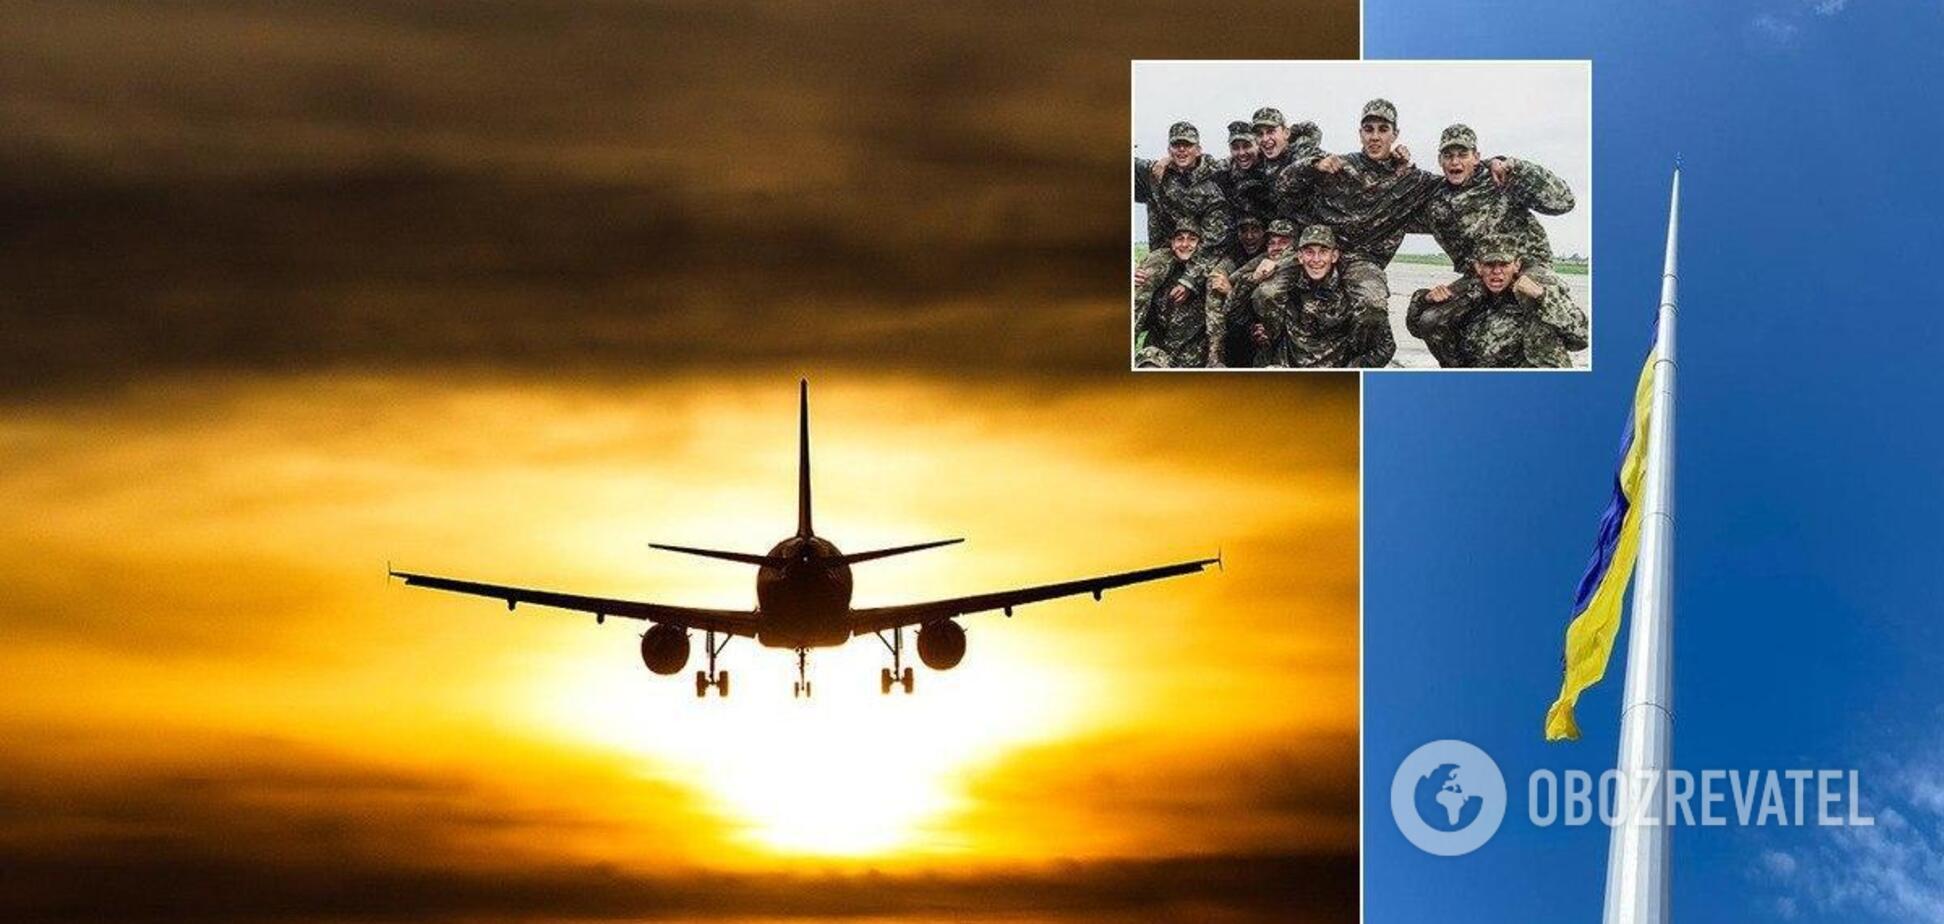 'Вічного польоту!' Друзі та рідні розповіли про загиблих у Ан-26 в небі над Чугуєвом